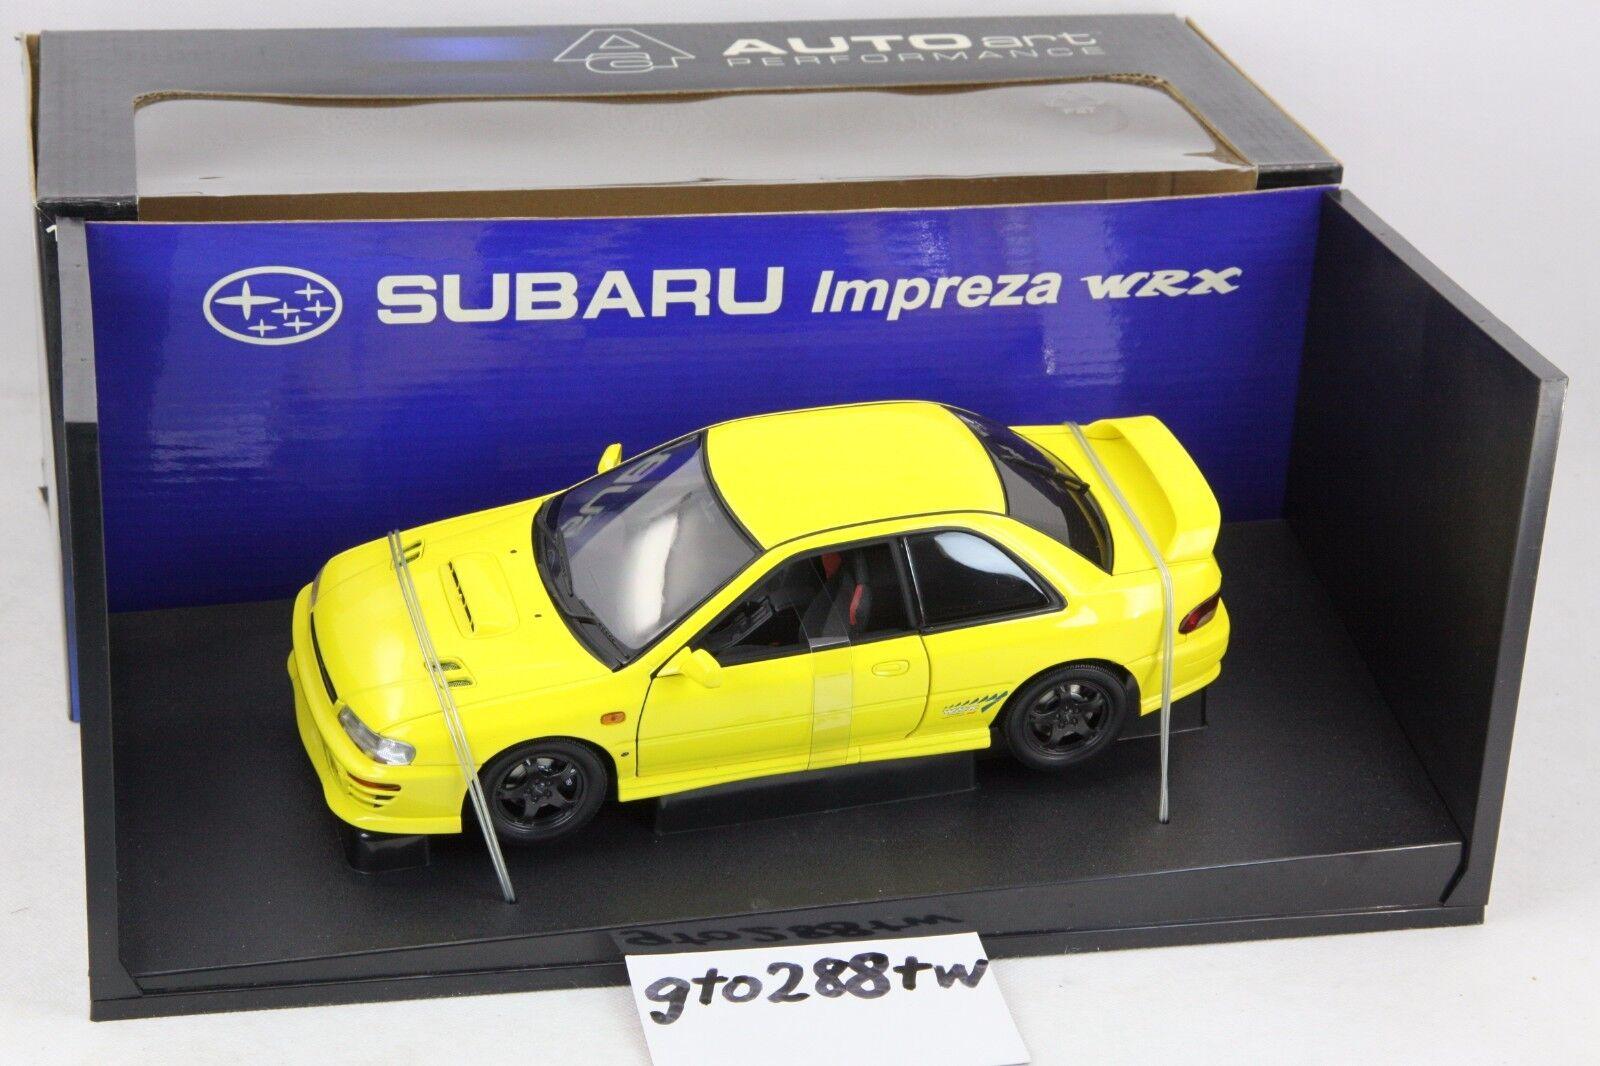 AUTOart 1:18 scale Subaru Impreza WRX Type R GC8 giallo  78611 RARE/NEW IN BOX